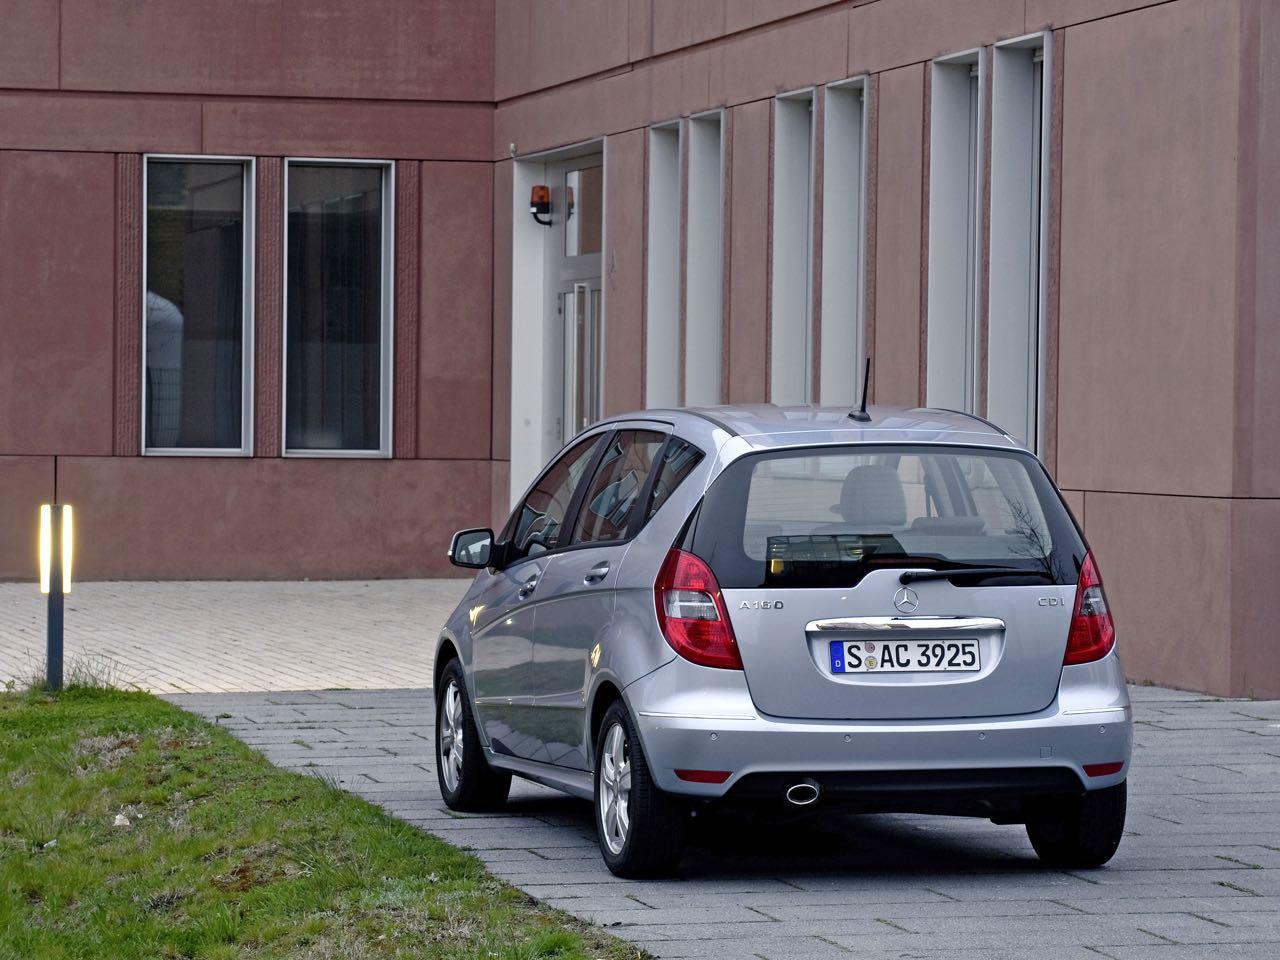 Mercedes Clase A 2008 (W169)